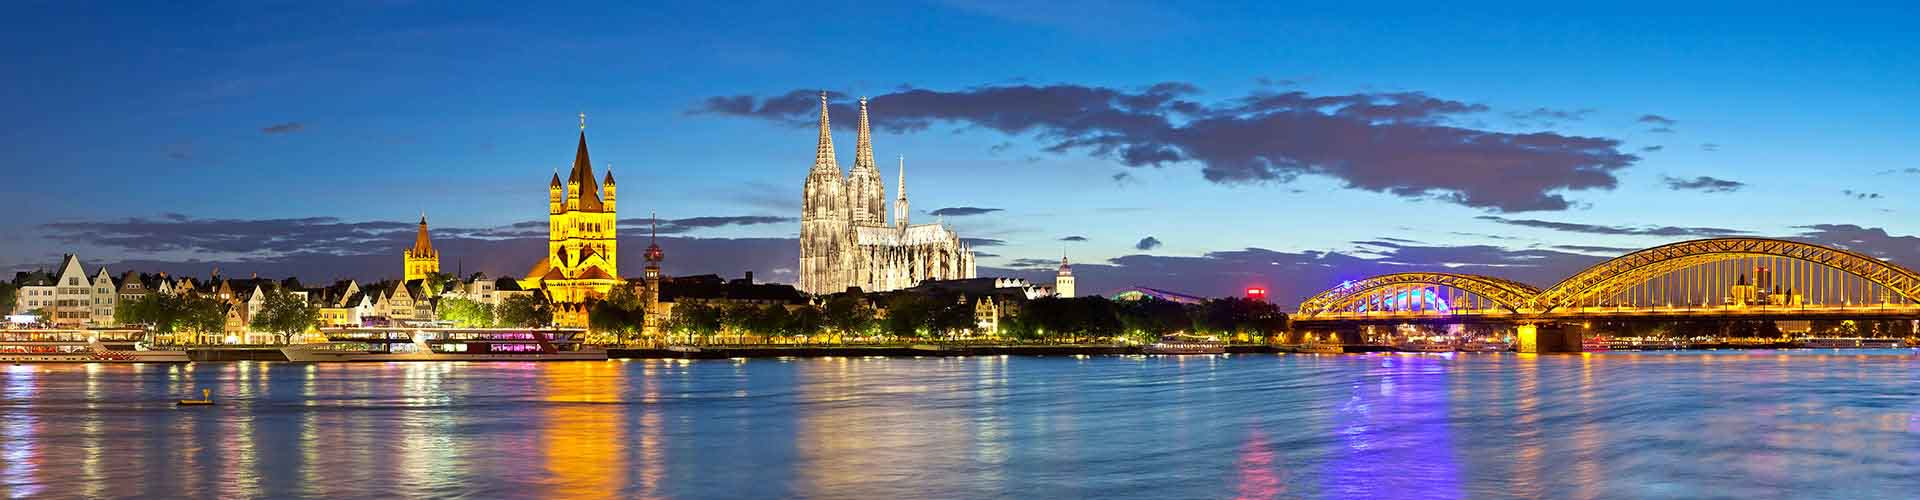 Cologne - Auberges de jeunesse dans le quartier de Riehl. Cartes pour Cologne, photos et commentaires pour chaque auberge de jeunesse à Cologne.